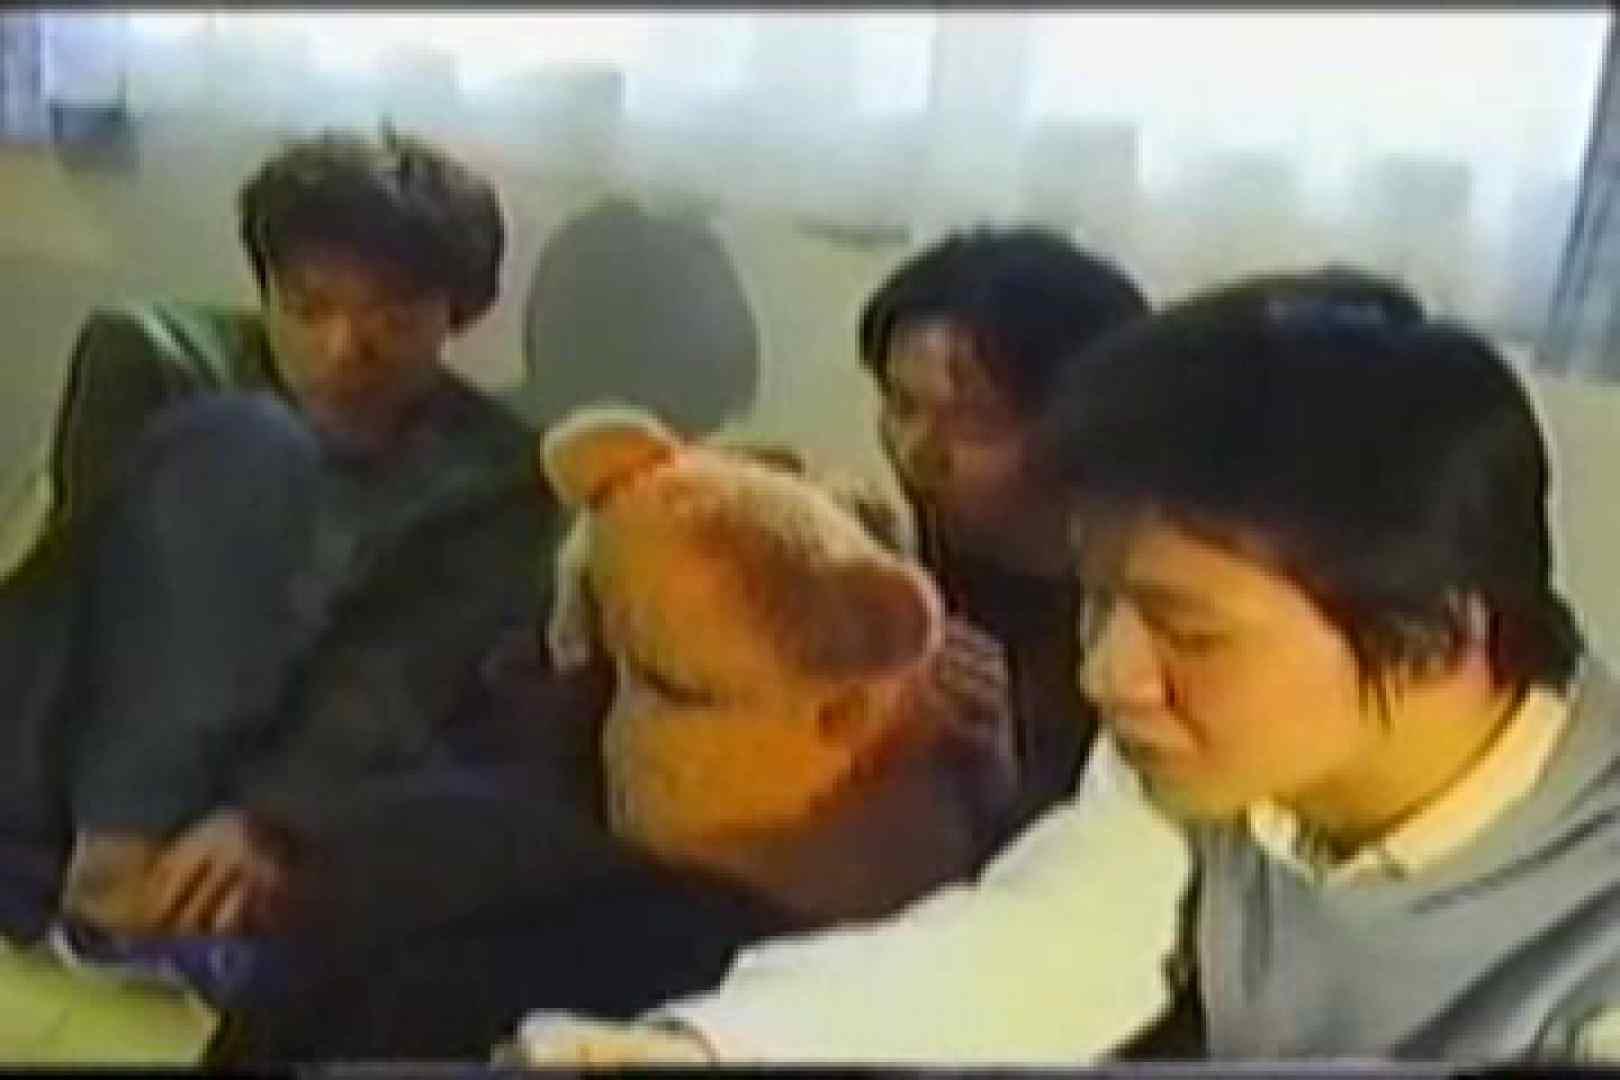 【流出】若者たちの集い 企画 ゲイ射精シーン 86画像 59